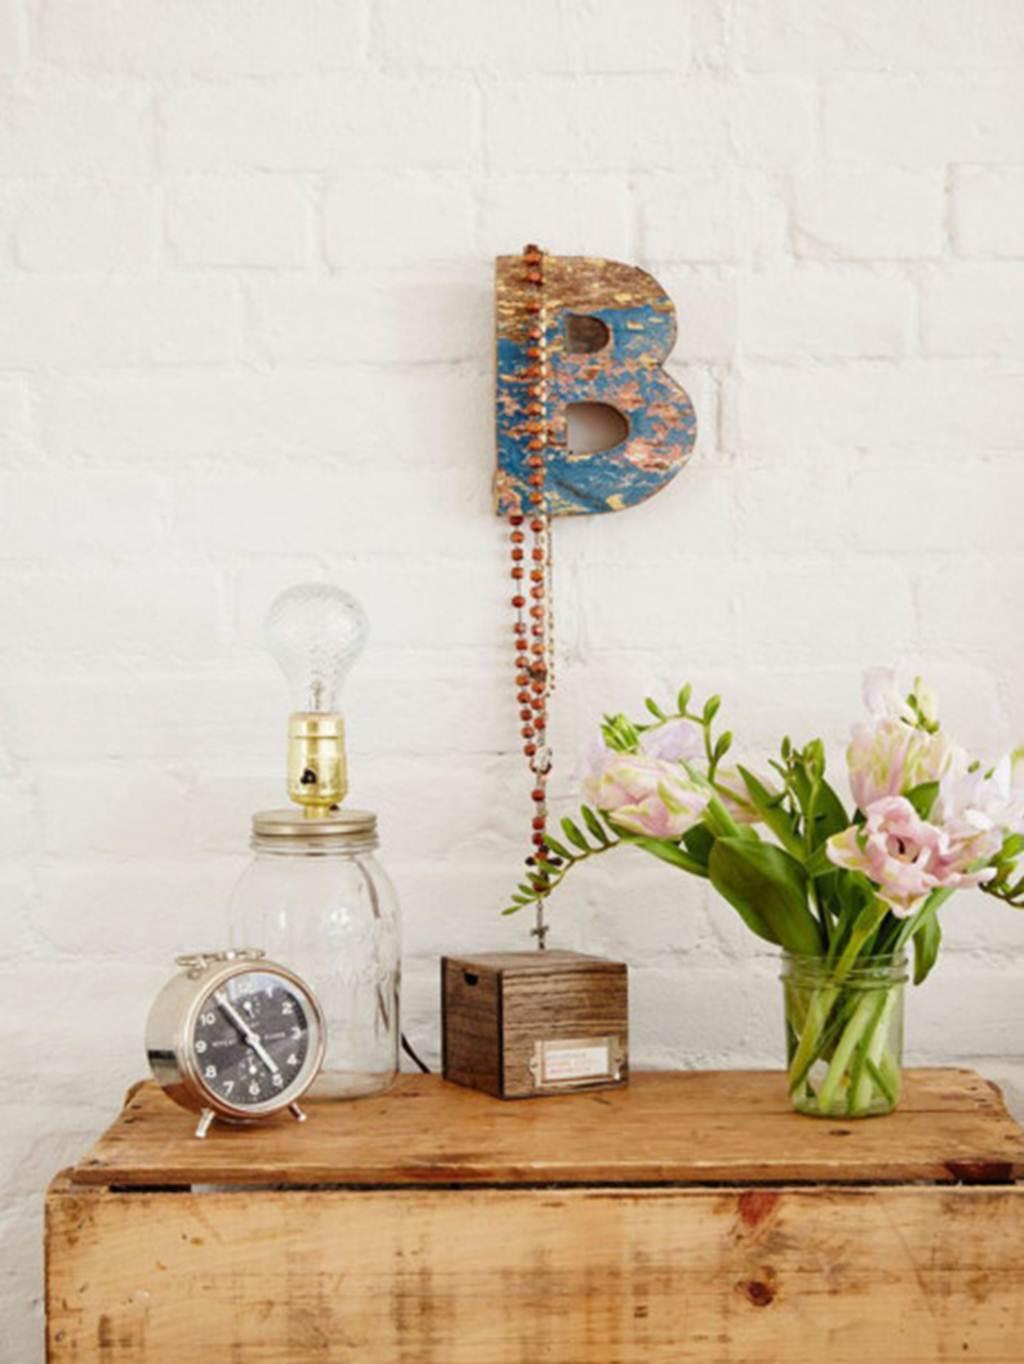 Căn hộ nhỏ lấy cảm hứng từ phong cách vintage